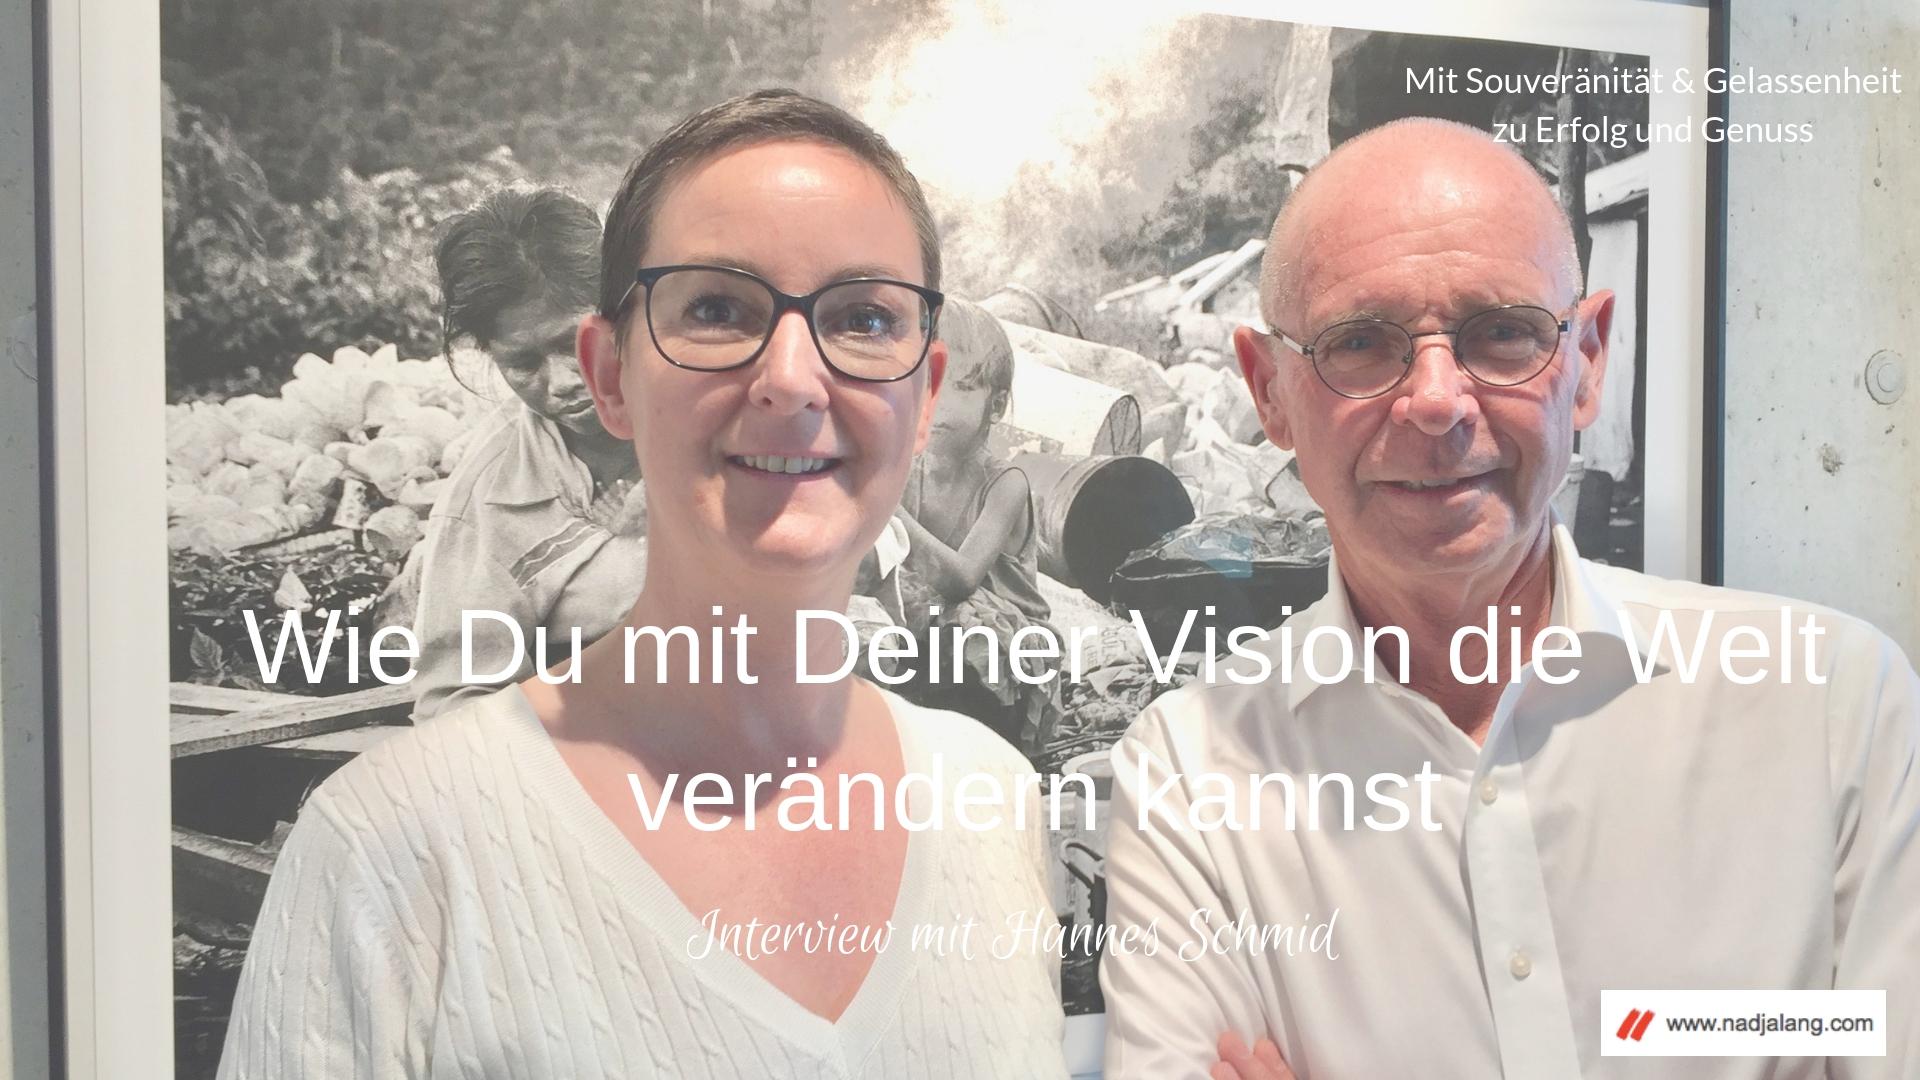 032 Interview mit Hannes Schmid.jpg